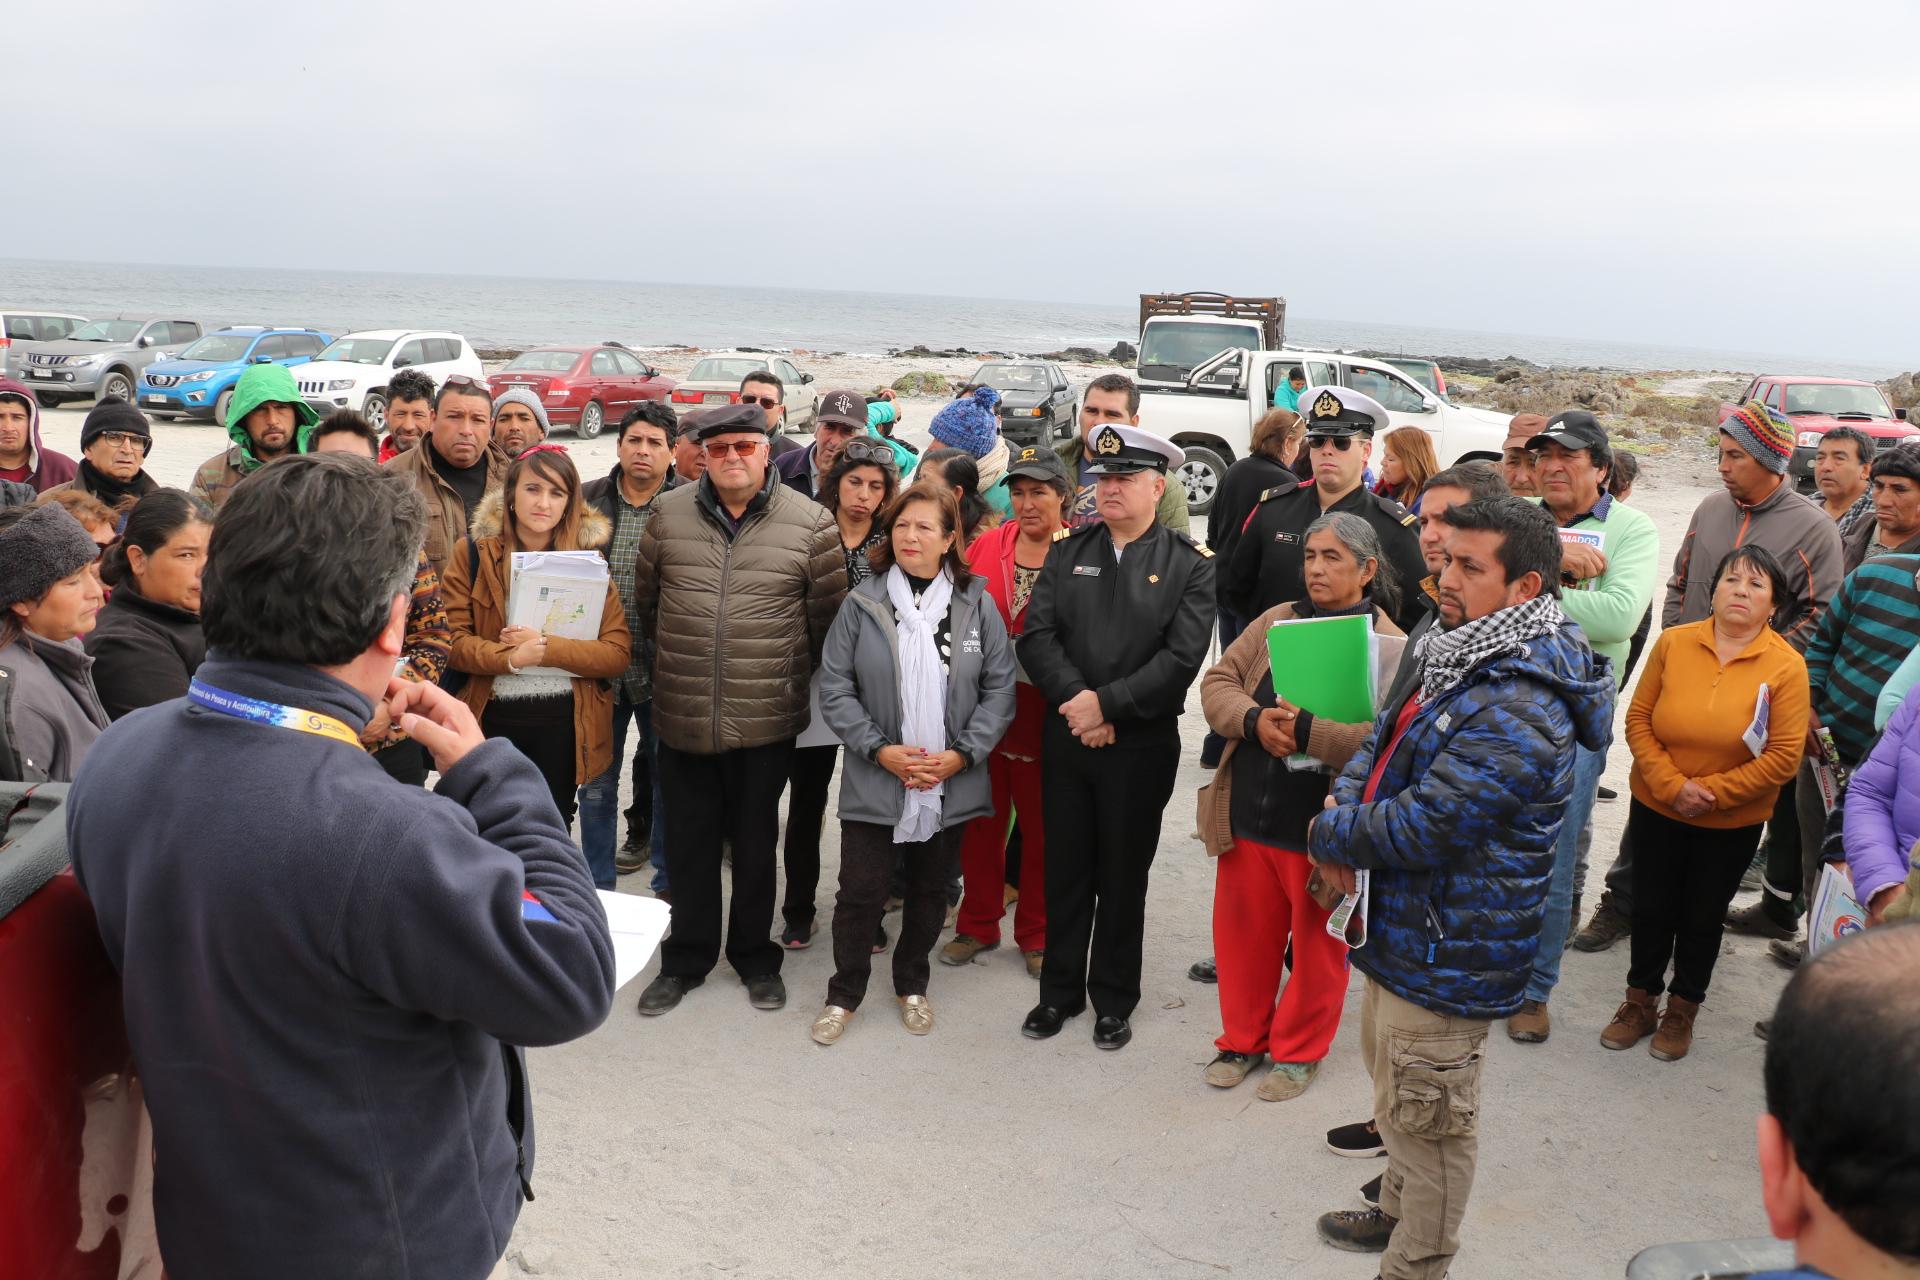 Gobernadora del Huasco Nelly Galeb se reunió con vecinos de Caleta Angosta